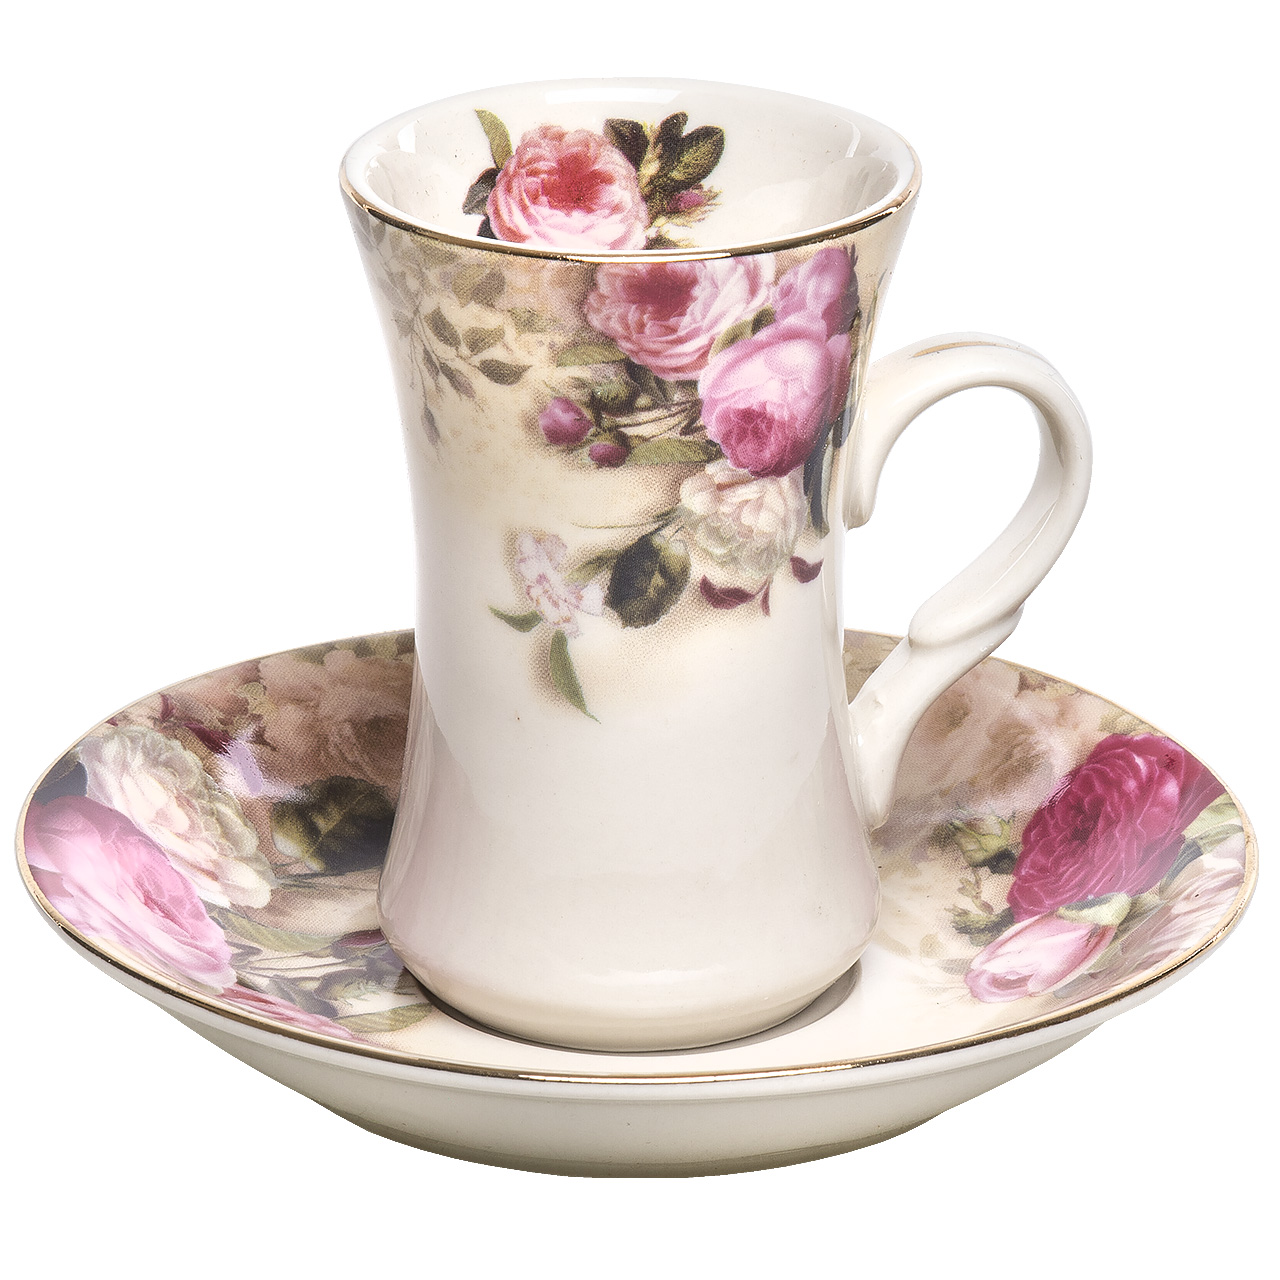 عکس سرویس چای خوری 12 پارچه کد 1035